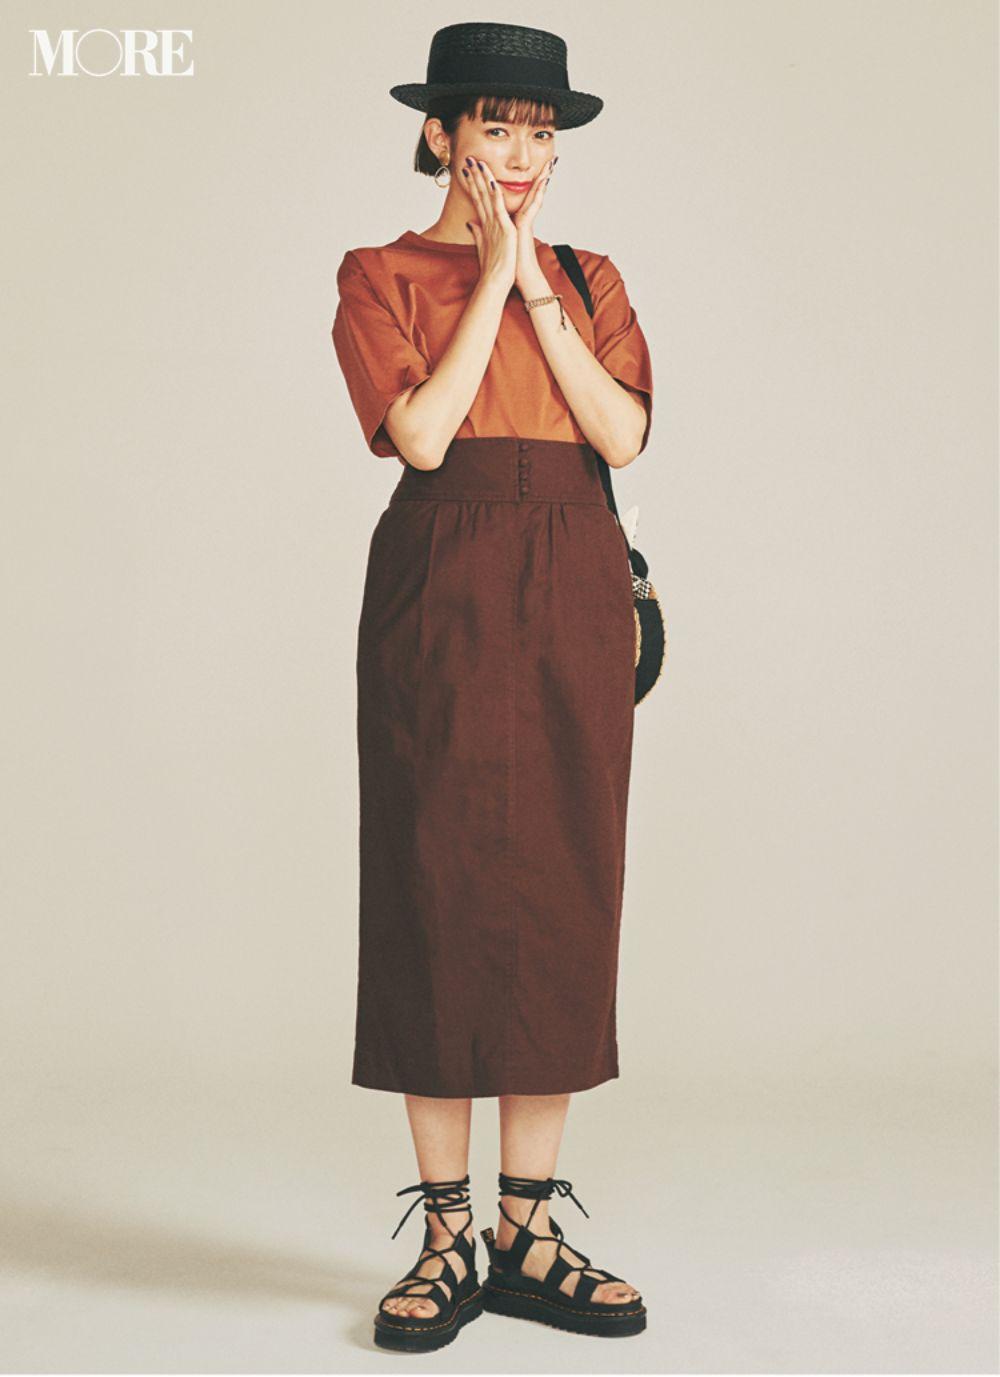 大人かわいいプチプラファッション特集《2019夏》 - 20代後半女子におすすめのきれいめコーデまとめ_23